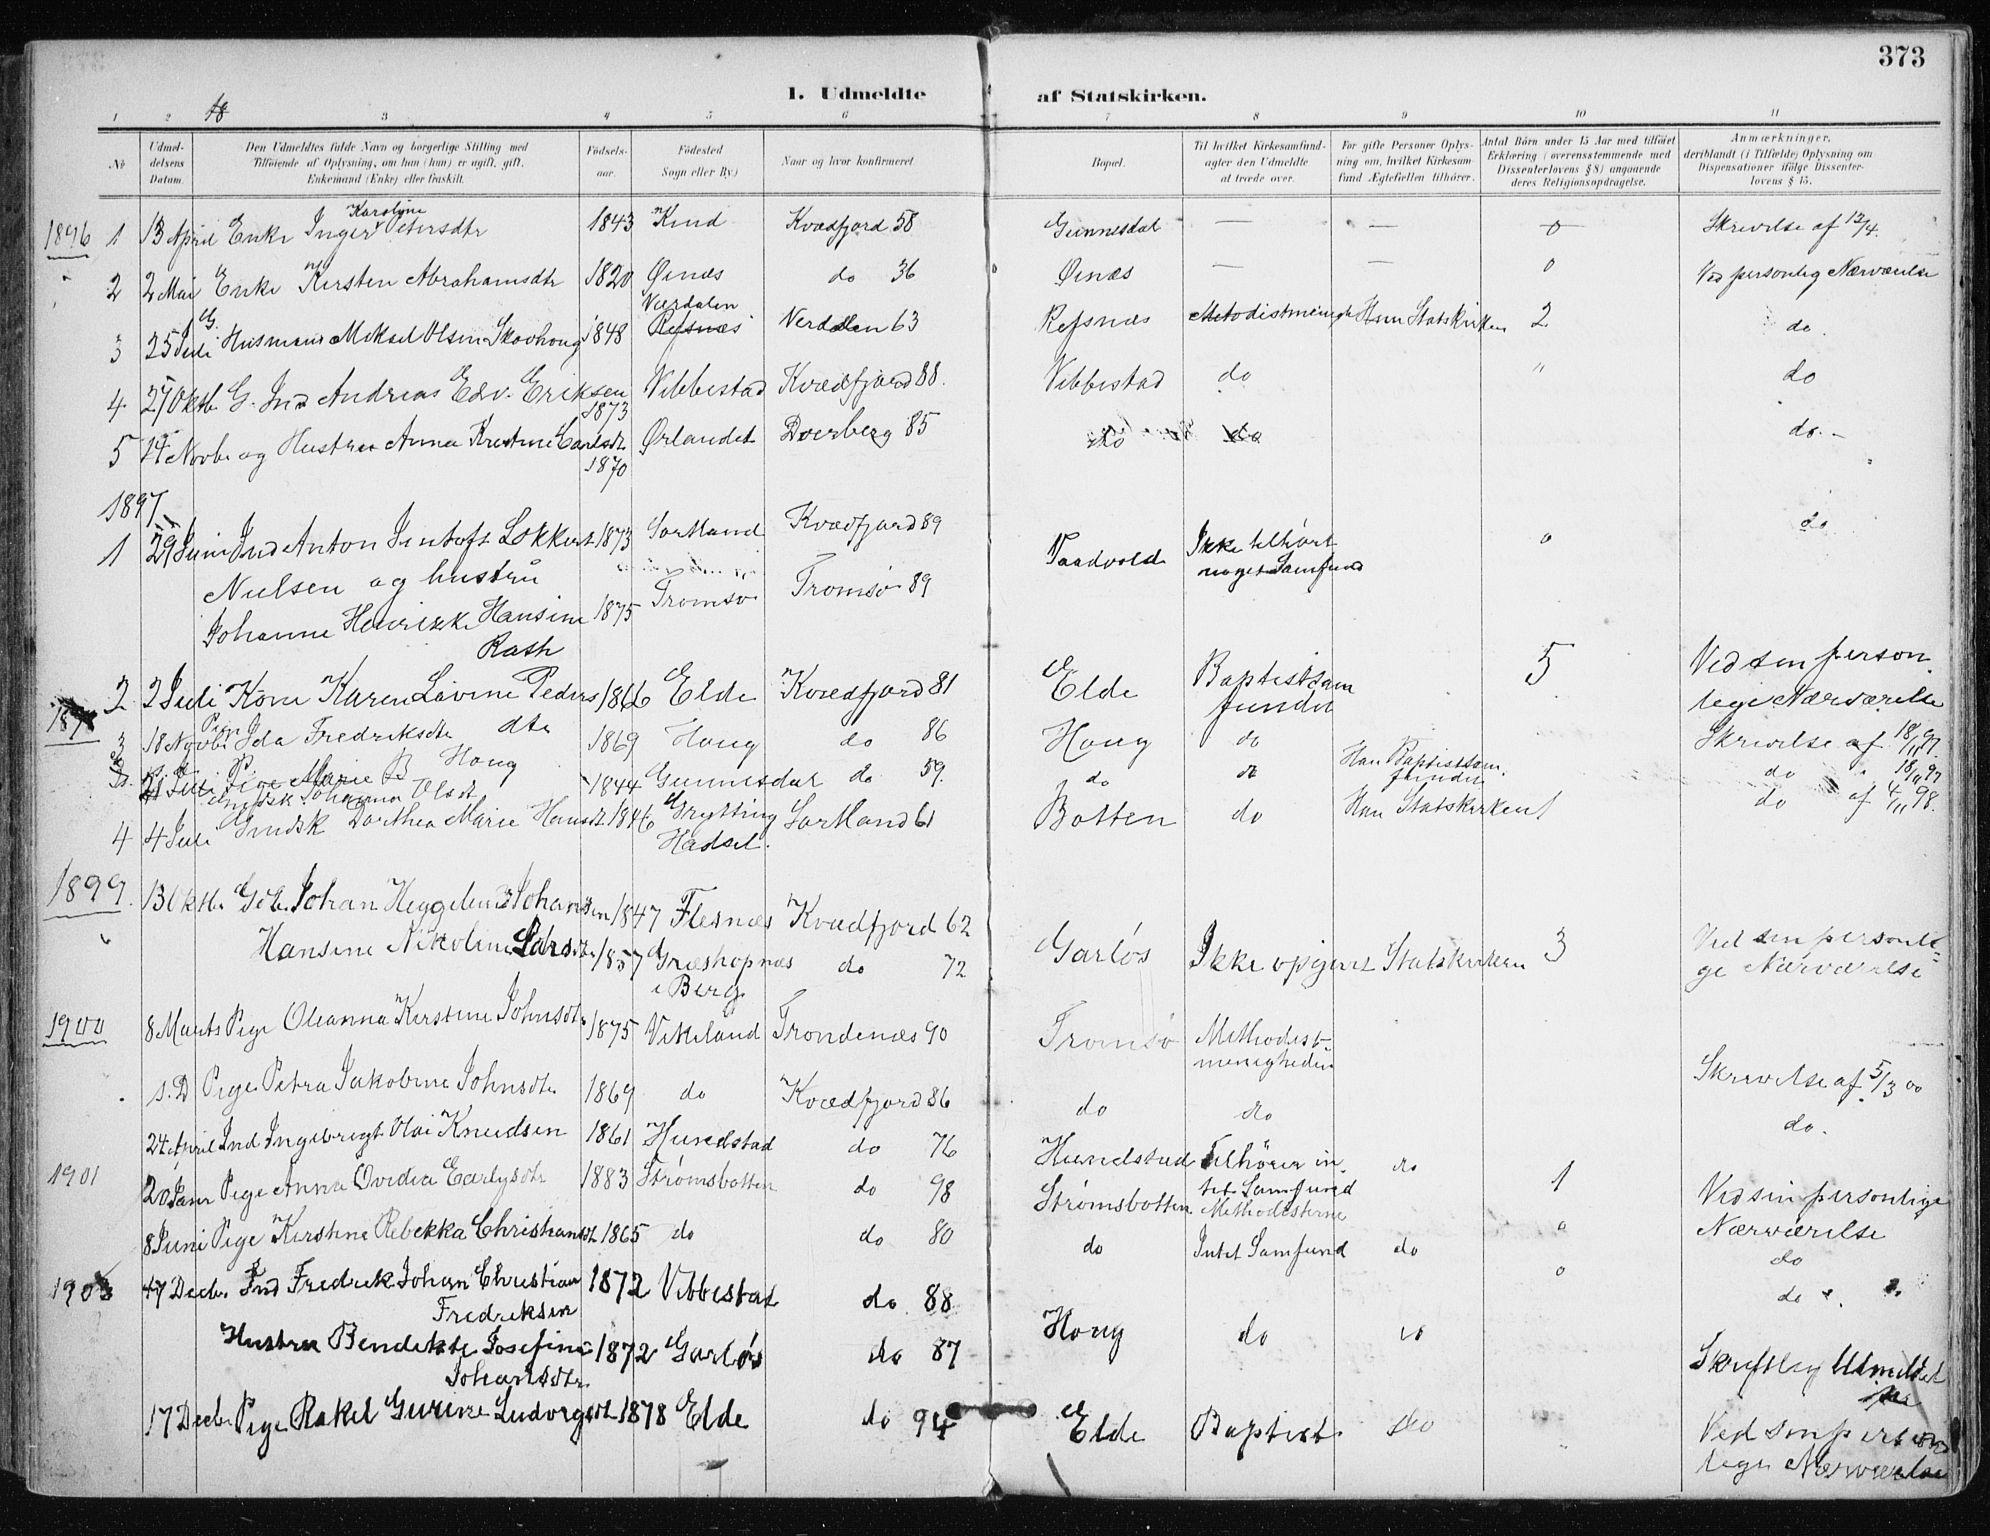 SATØ, Kvæfjord sokneprestkontor, G/Ga/Gaa/L0006kirke: Ministerialbok nr. 6, 1895-1914, s. 373